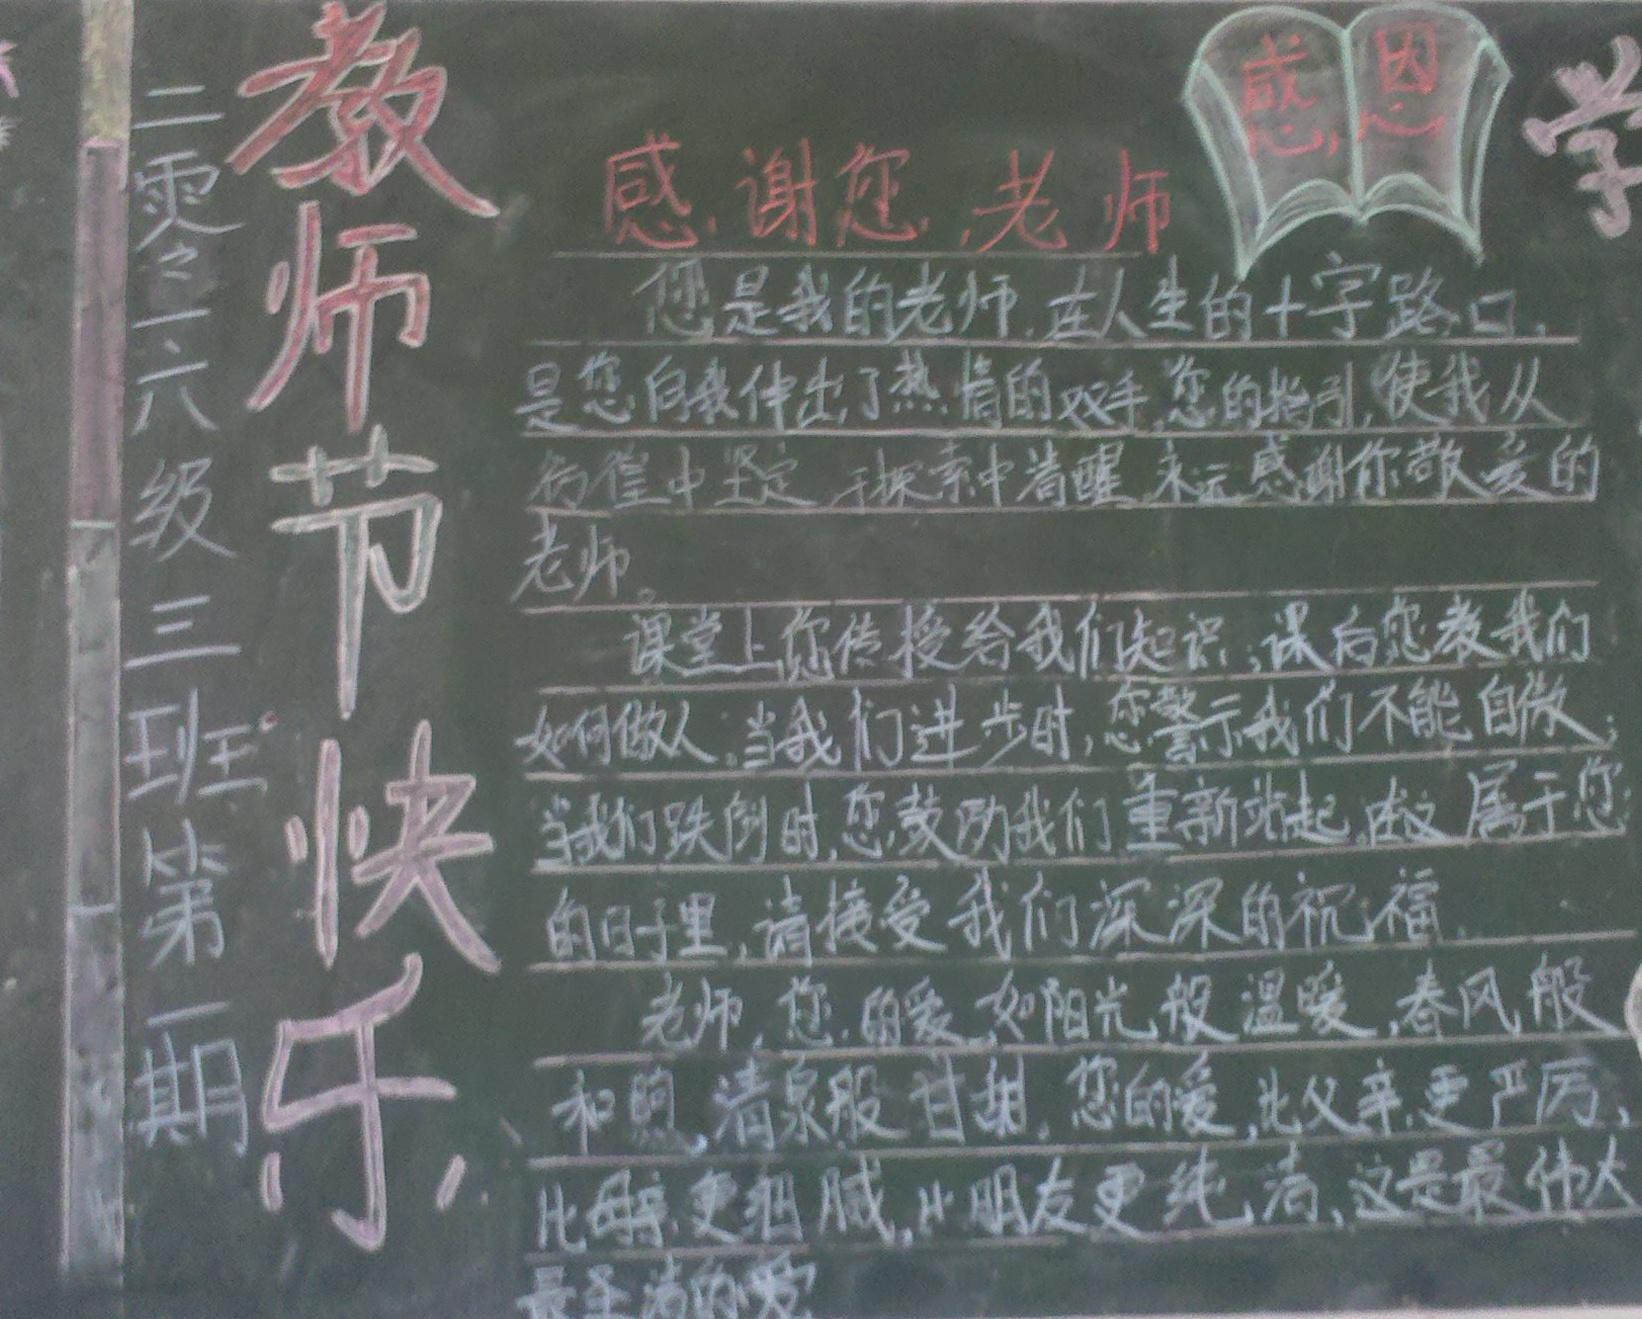 镇子初中:举办庆祝教师节黑板报,手抄报比赛